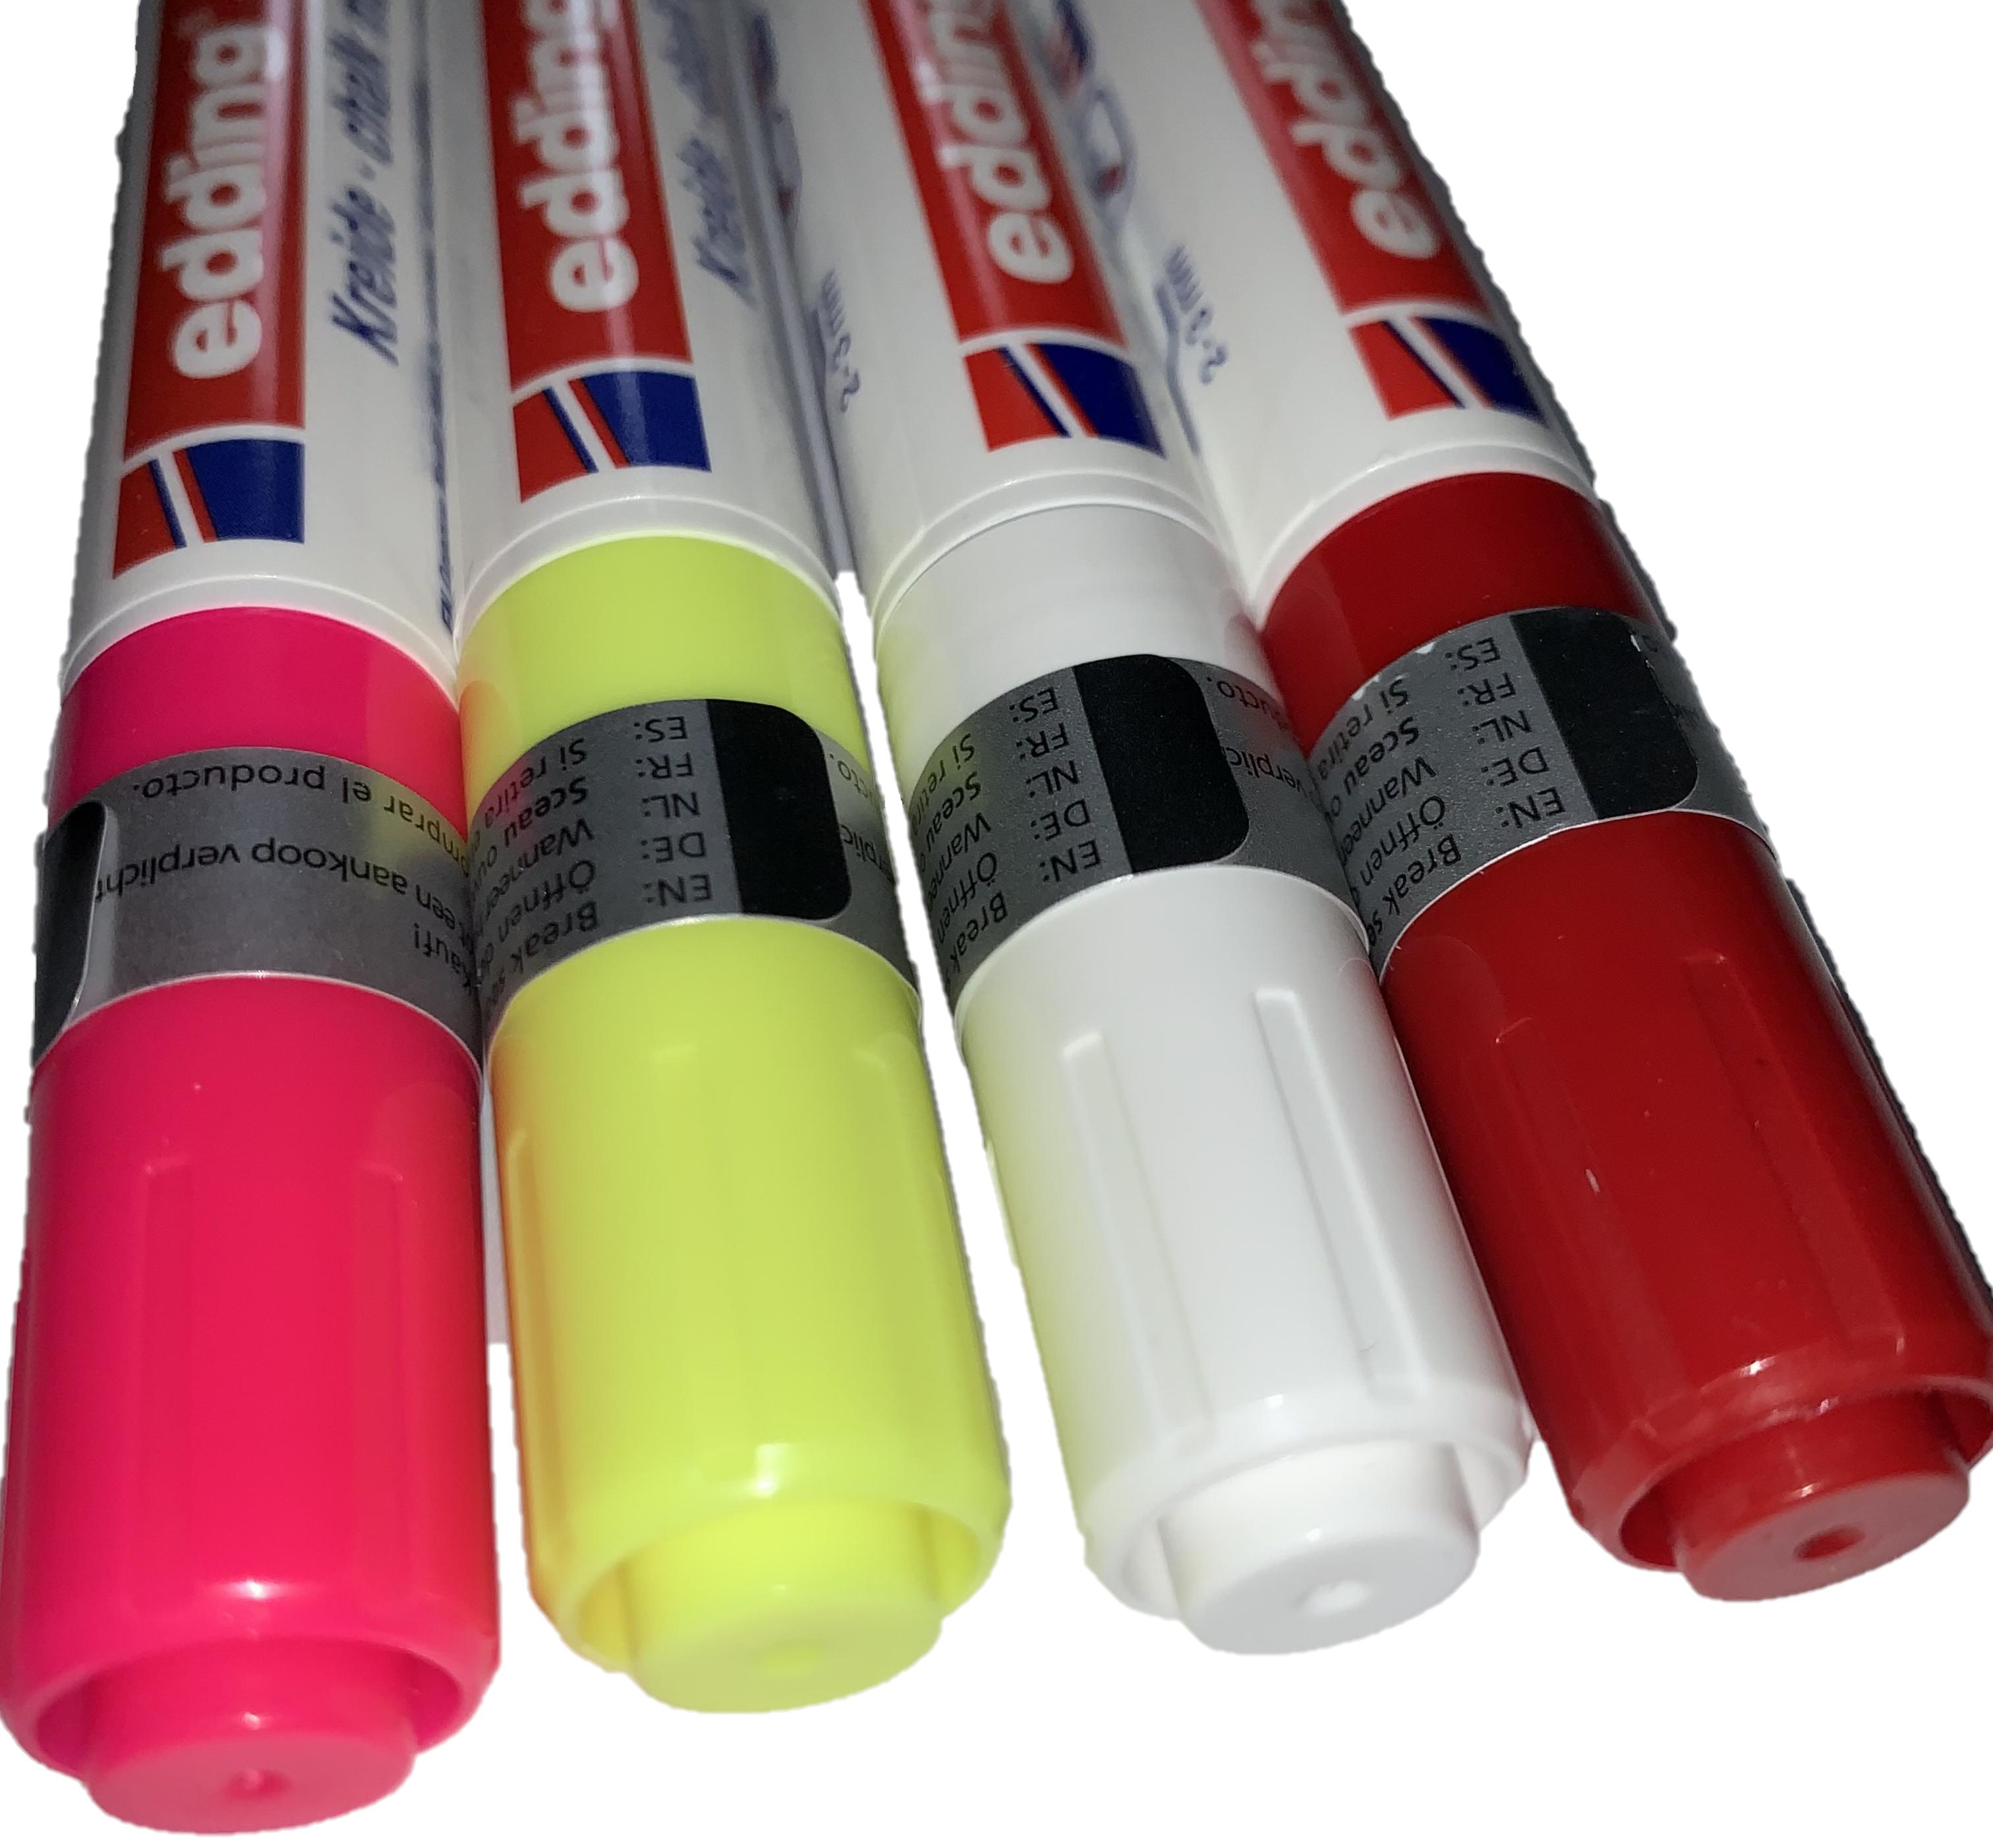 Edding Kreidemarker in verschiedenen Farben